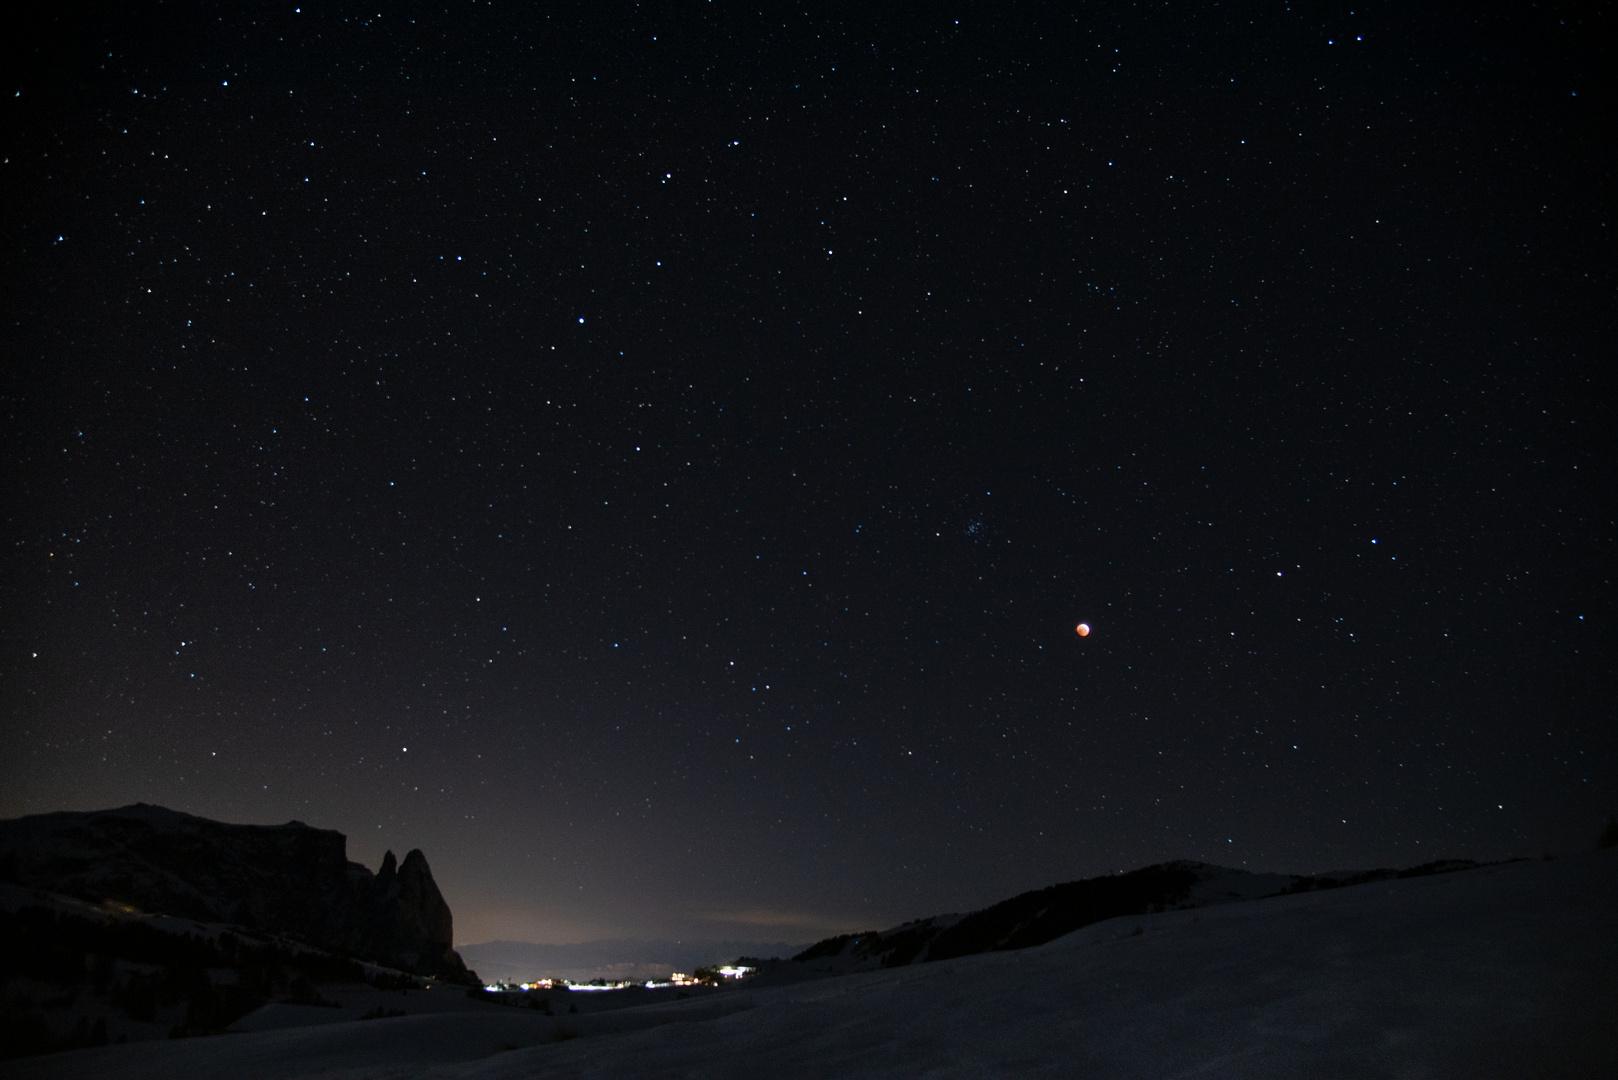 paesaggio notturno con luna rossa/Nächtliche Landschaft mit Kupfermond